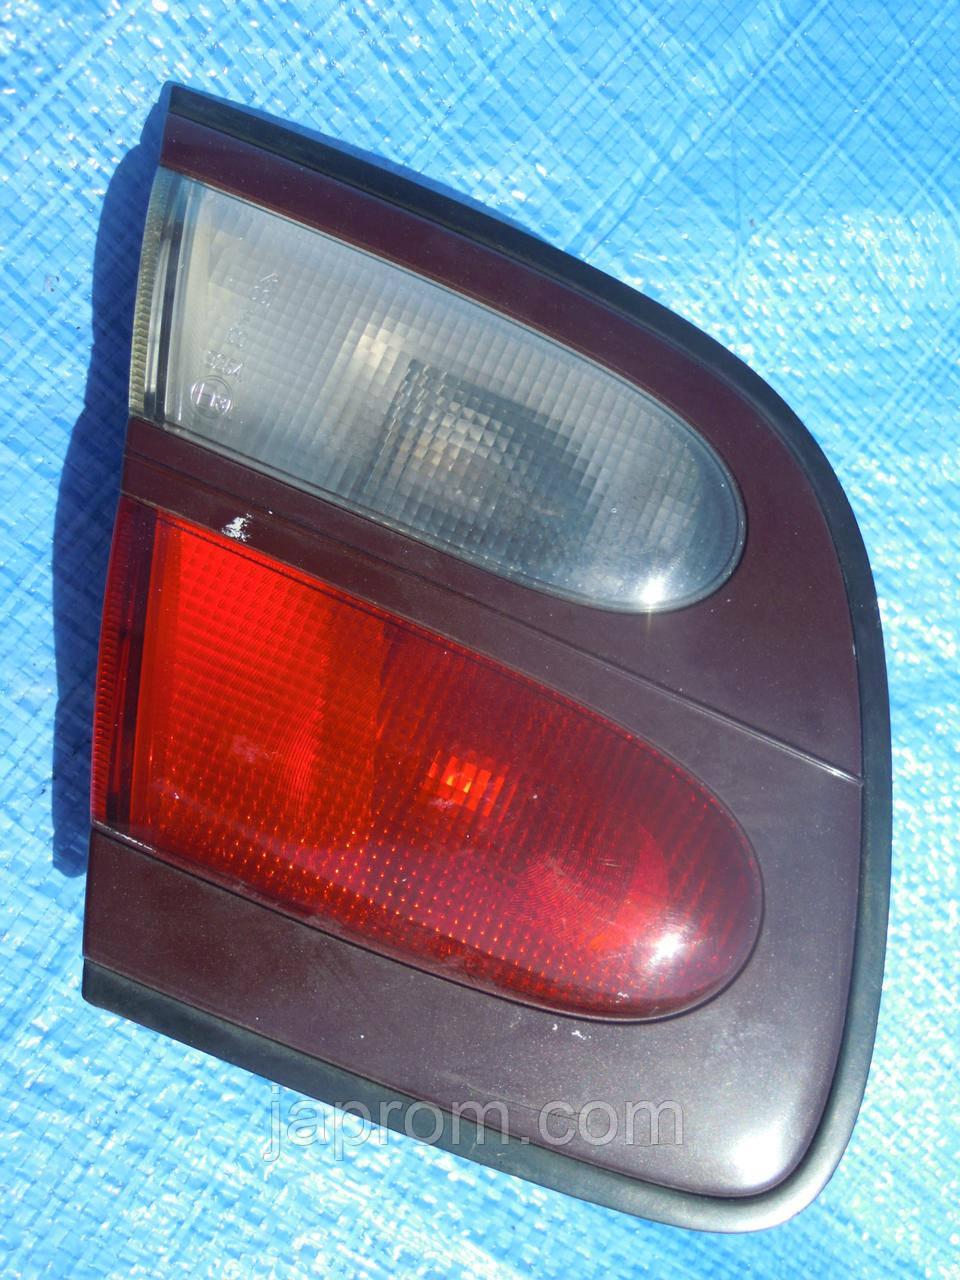 Фонарь крышки багажника левый Nissan Almera N15 1999-2000г.в.3дв. 5дв рестайл